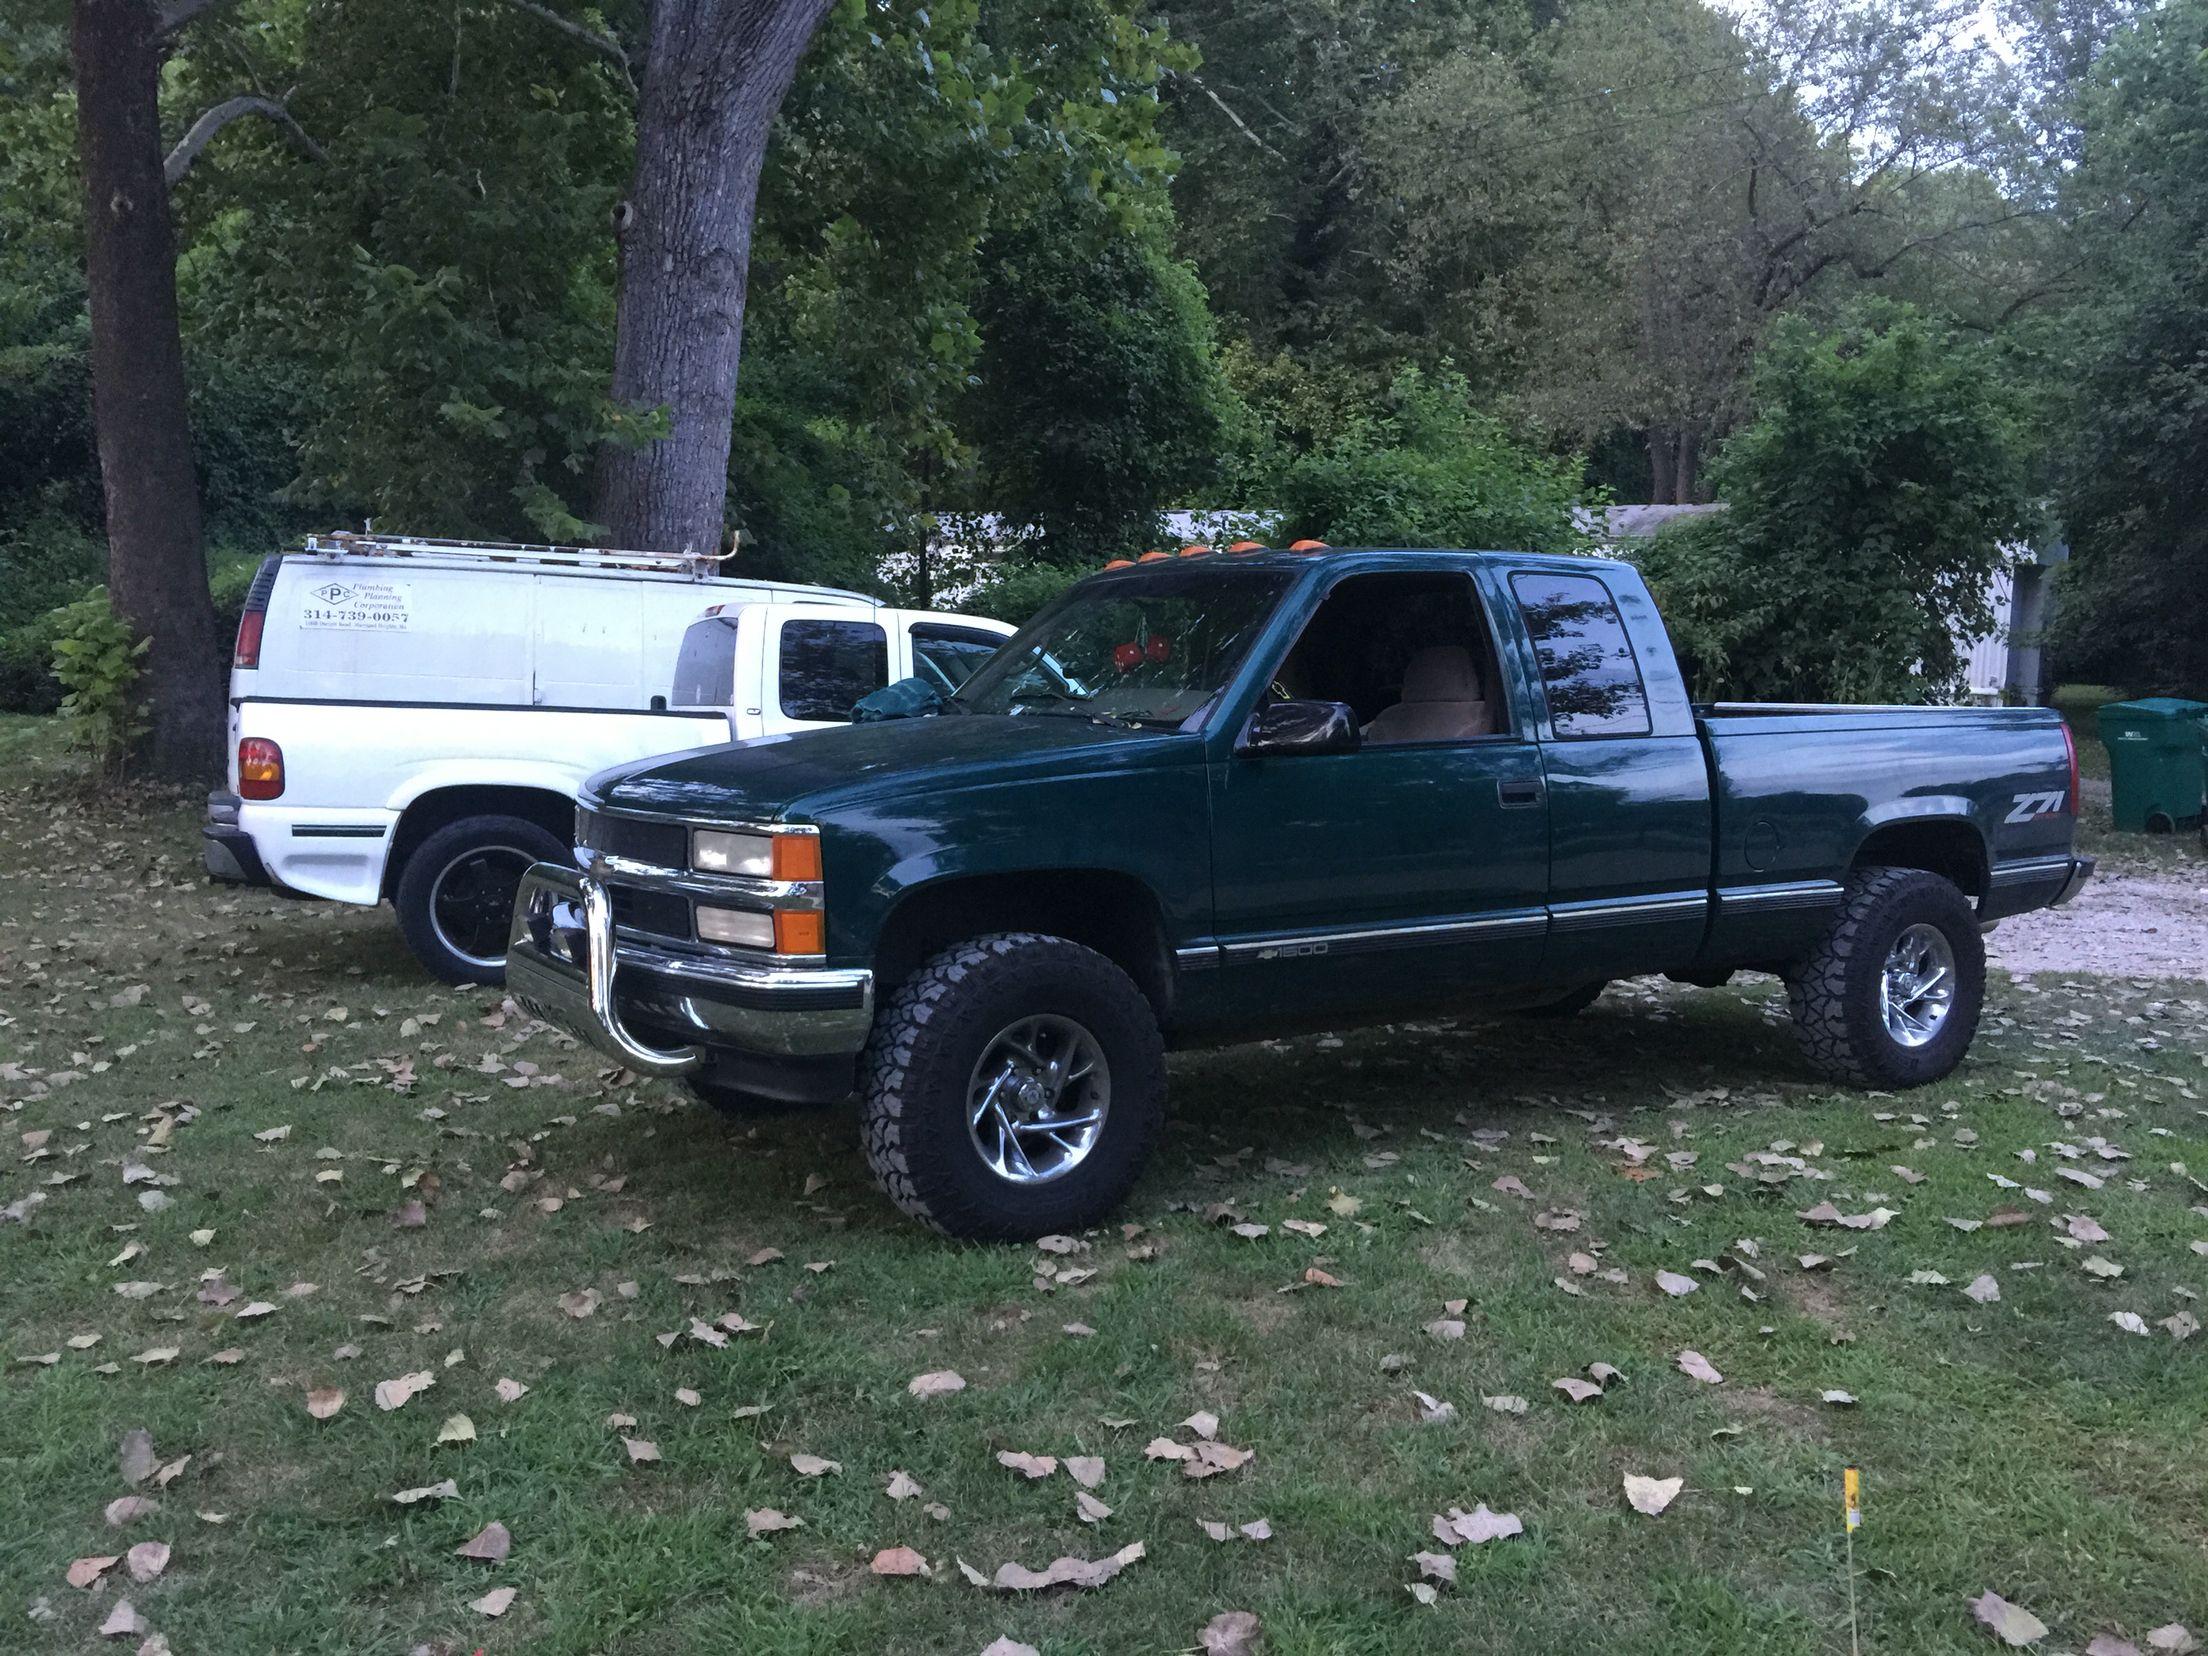 hight resolution of 1995 k1500 silverado 33s 3 inch lift lifted chevy trucks chevrolet trucks chevy silverado